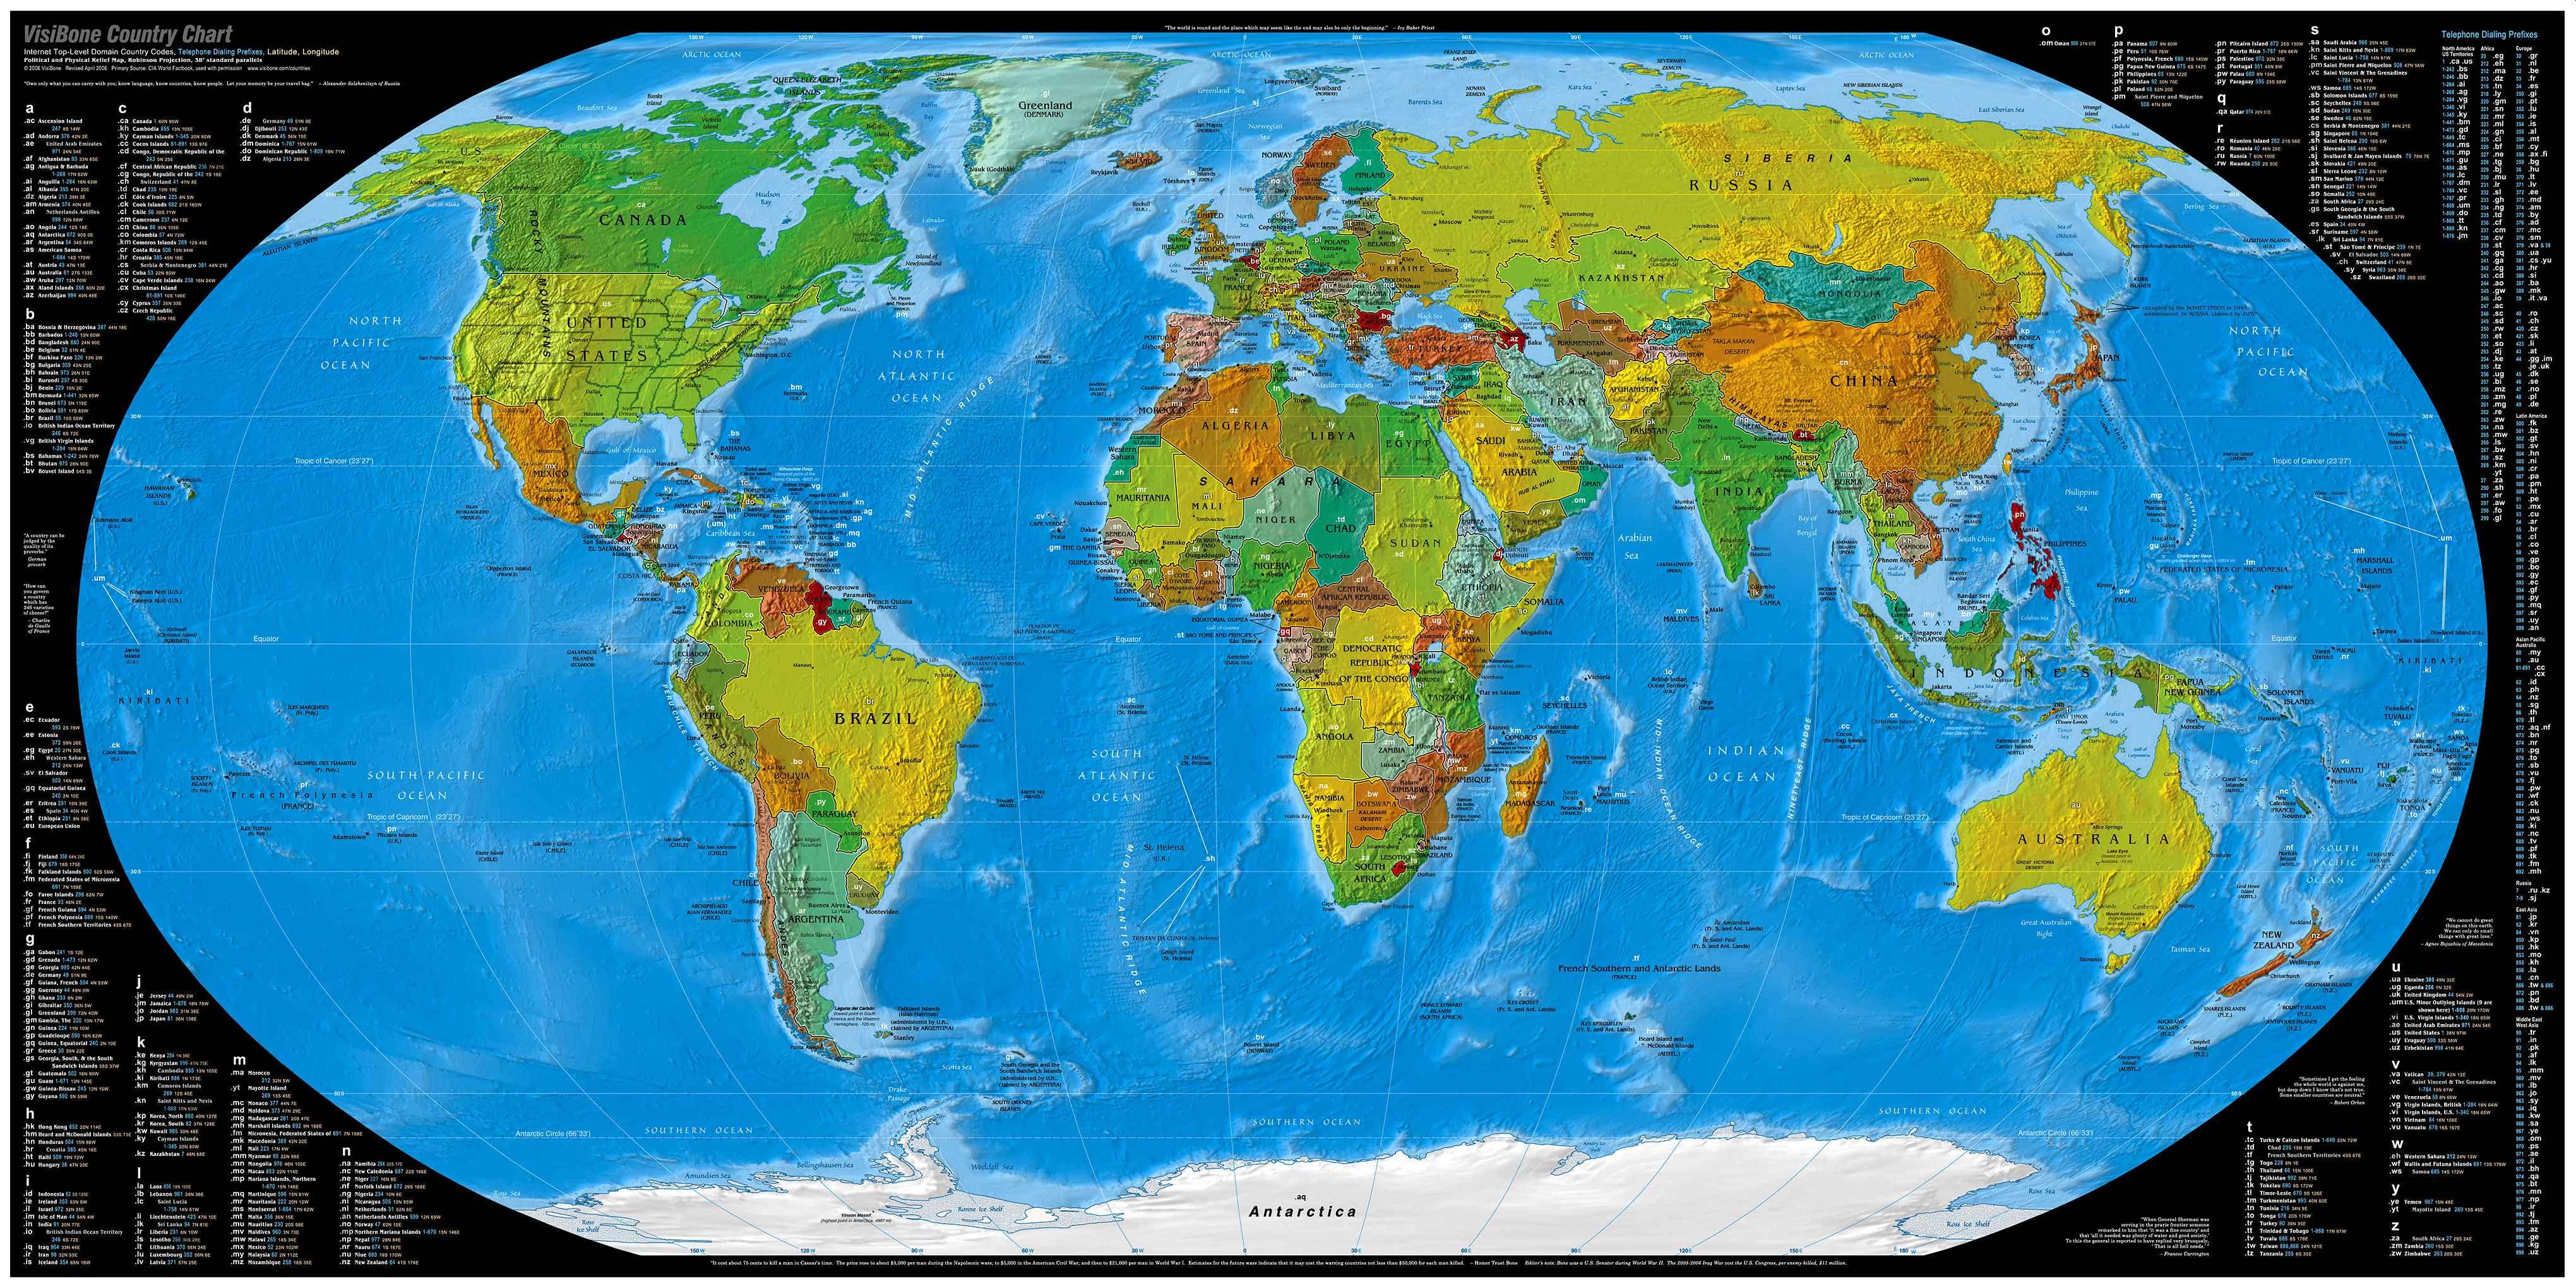 изображение земли на карте и глобусе